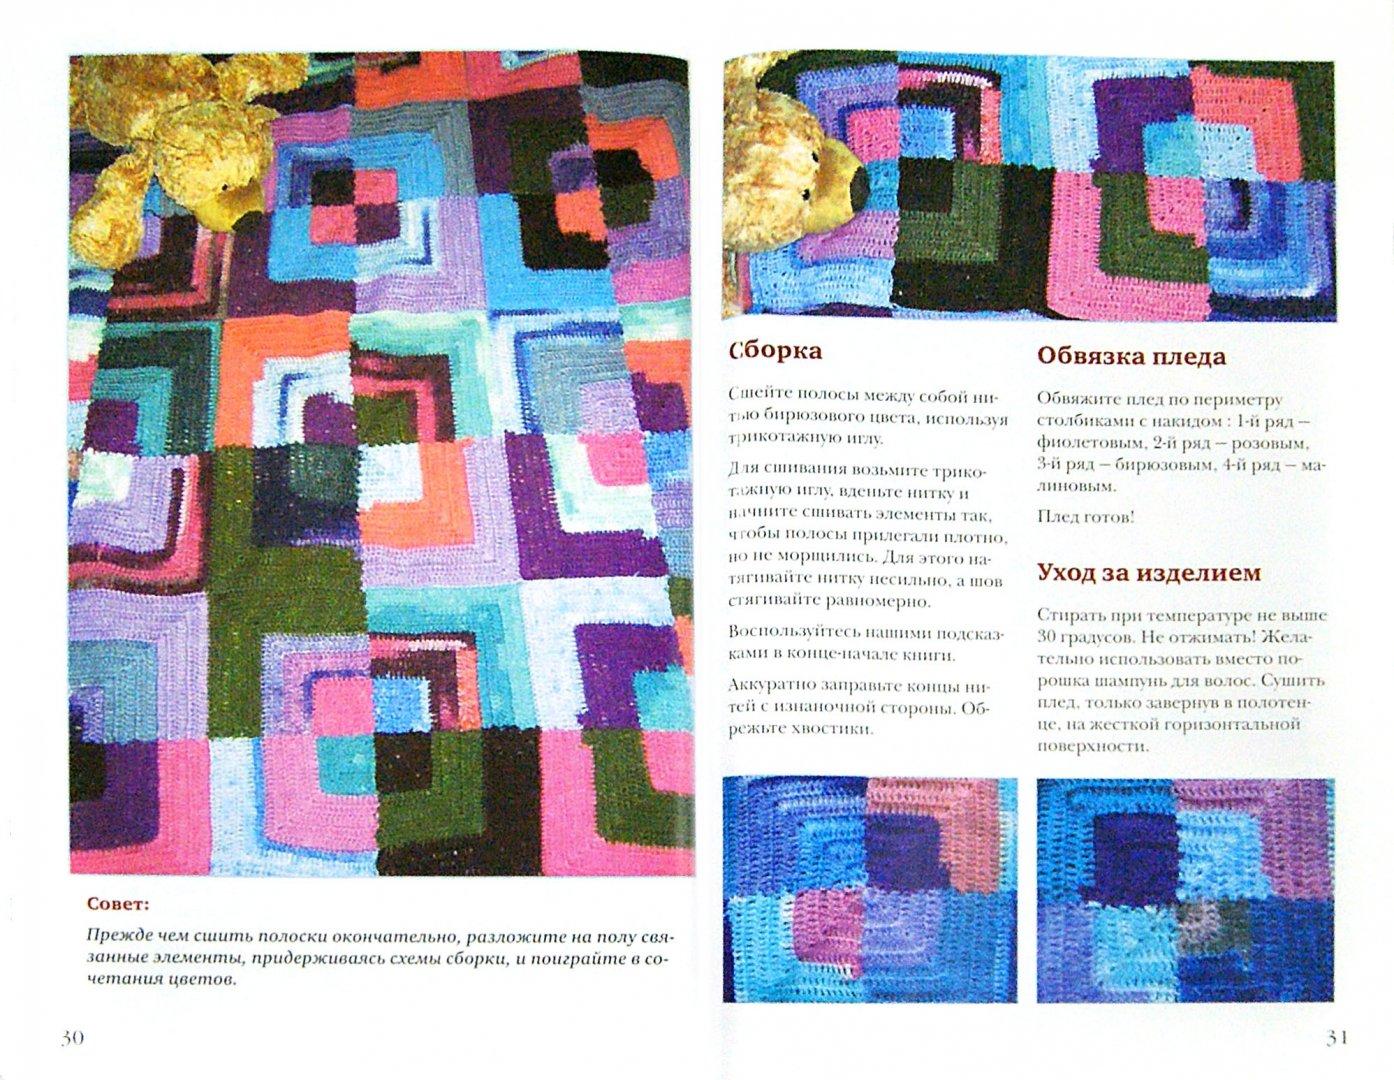 Иллюстрация 1 из 6 для Пледы и подушки своими руками - Вилата Вознесенская   Лабиринт - книги. Источник: Лабиринт